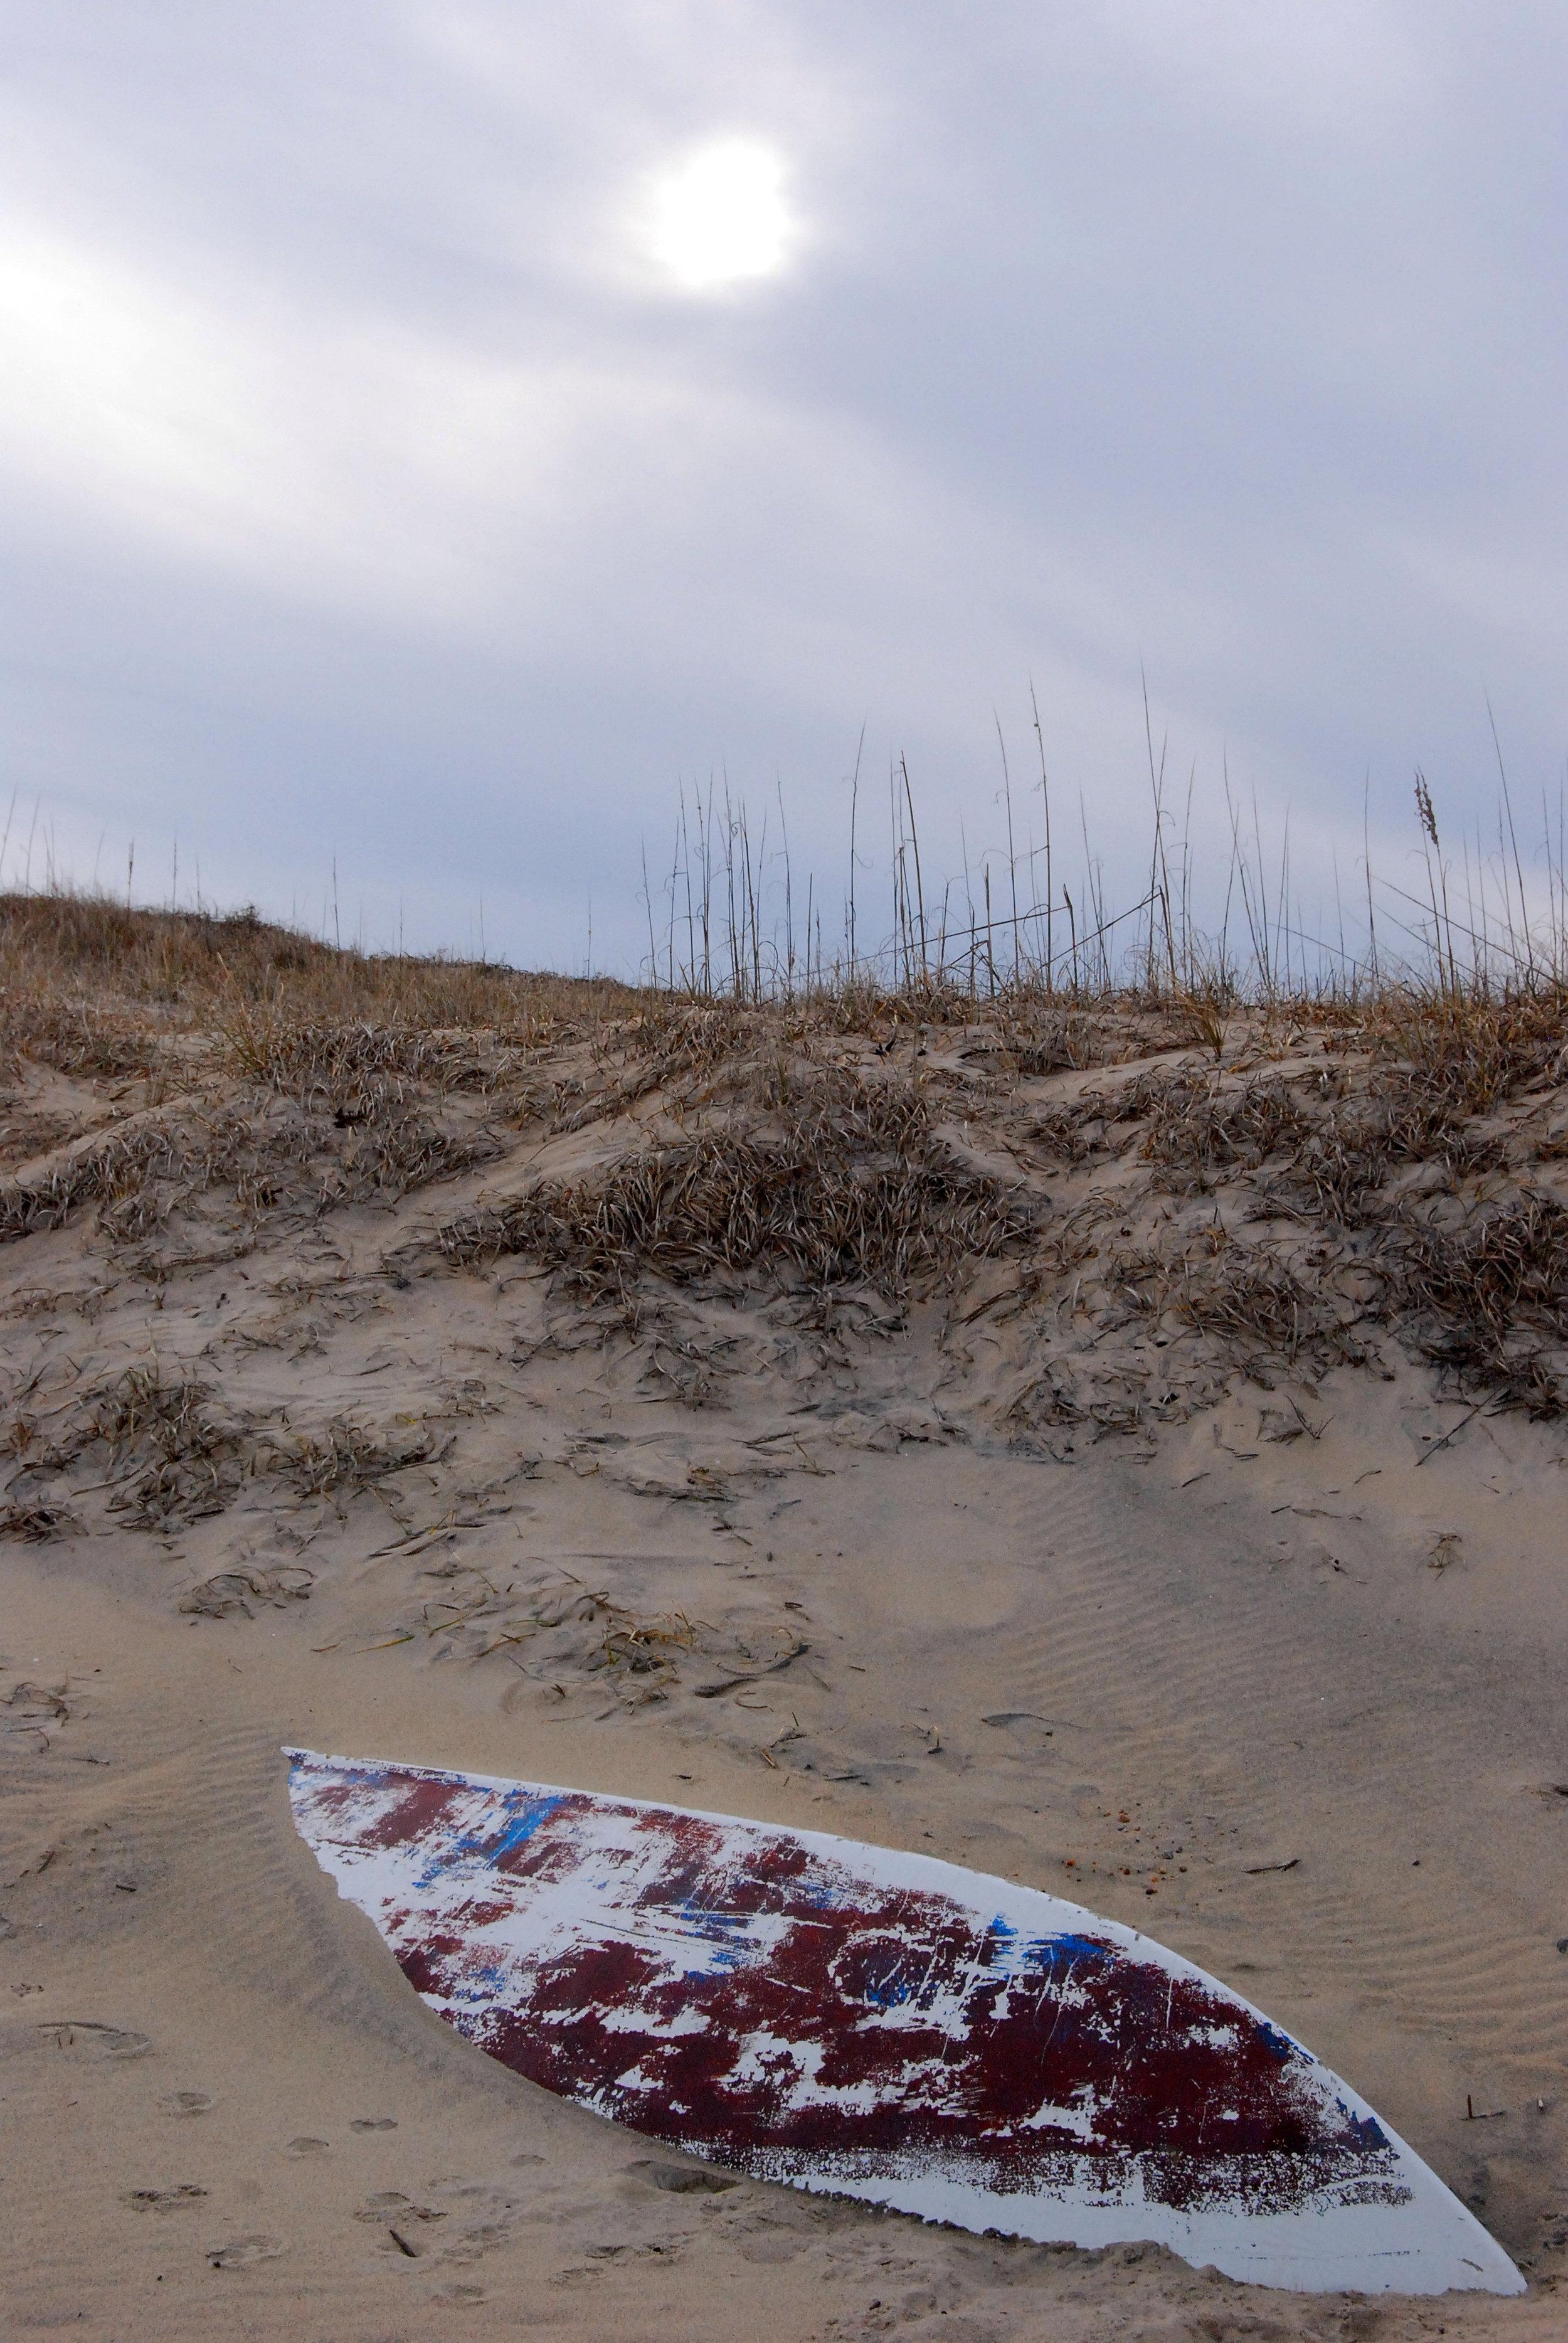 boat-shipwreck-marooned-dunes-beach-False Cape-Virginia Beach-Virginia-beach.jpg